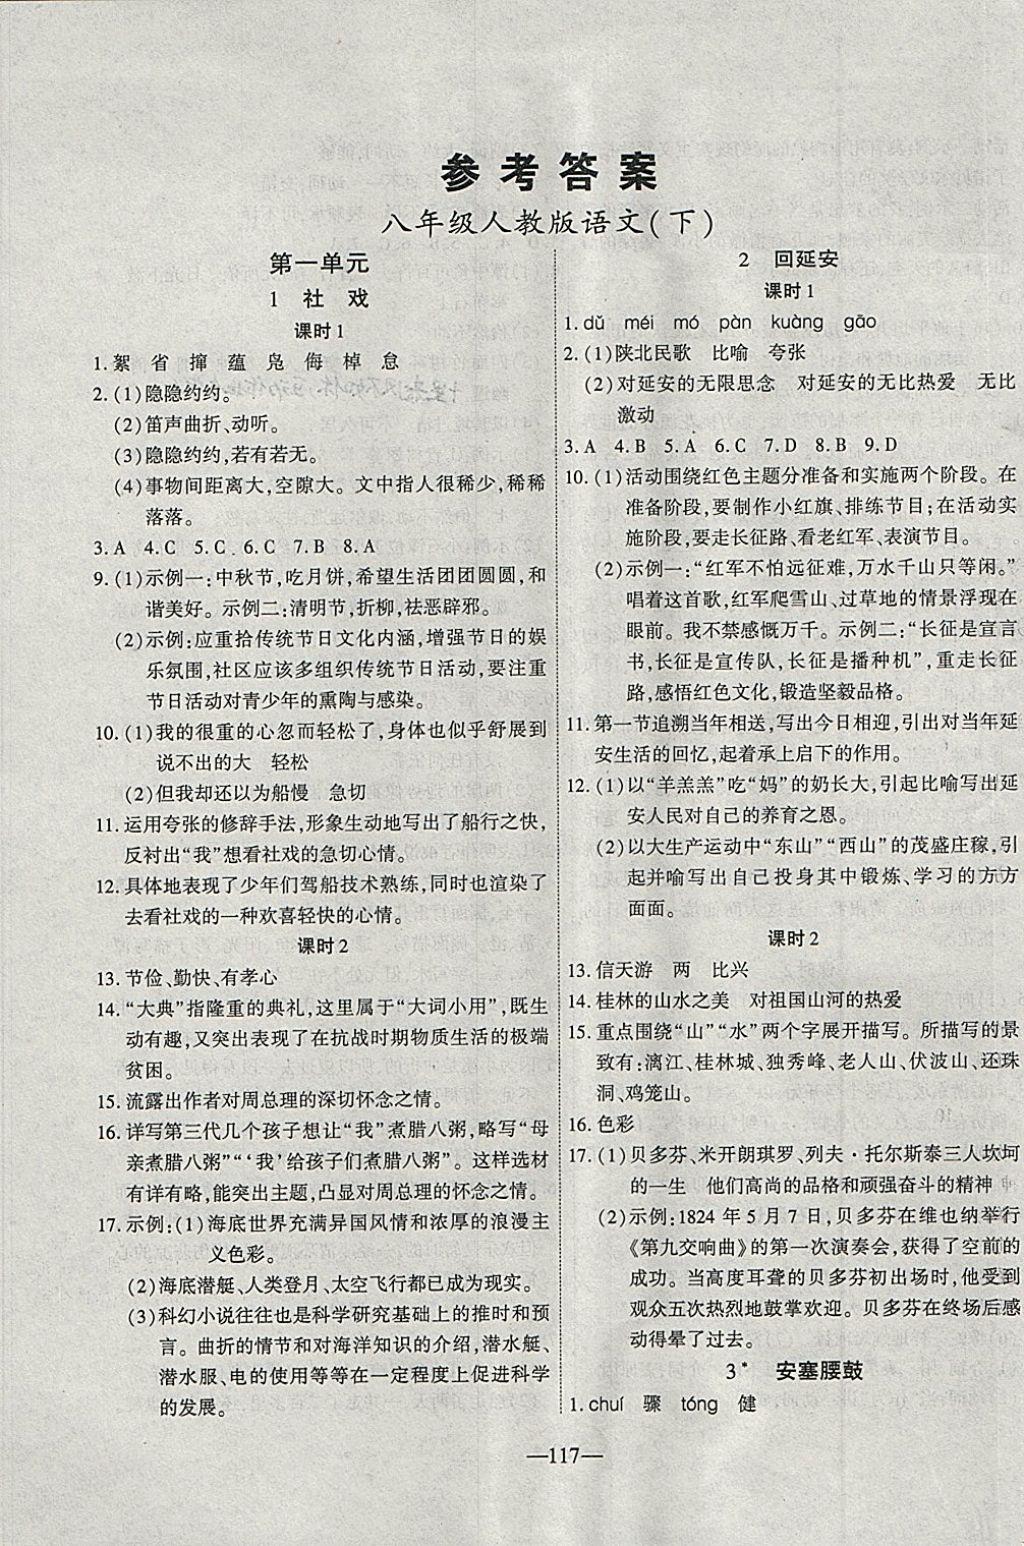 八年级语文下册人教版 > 参考答案第1页 参考答案  分享练习册得积分